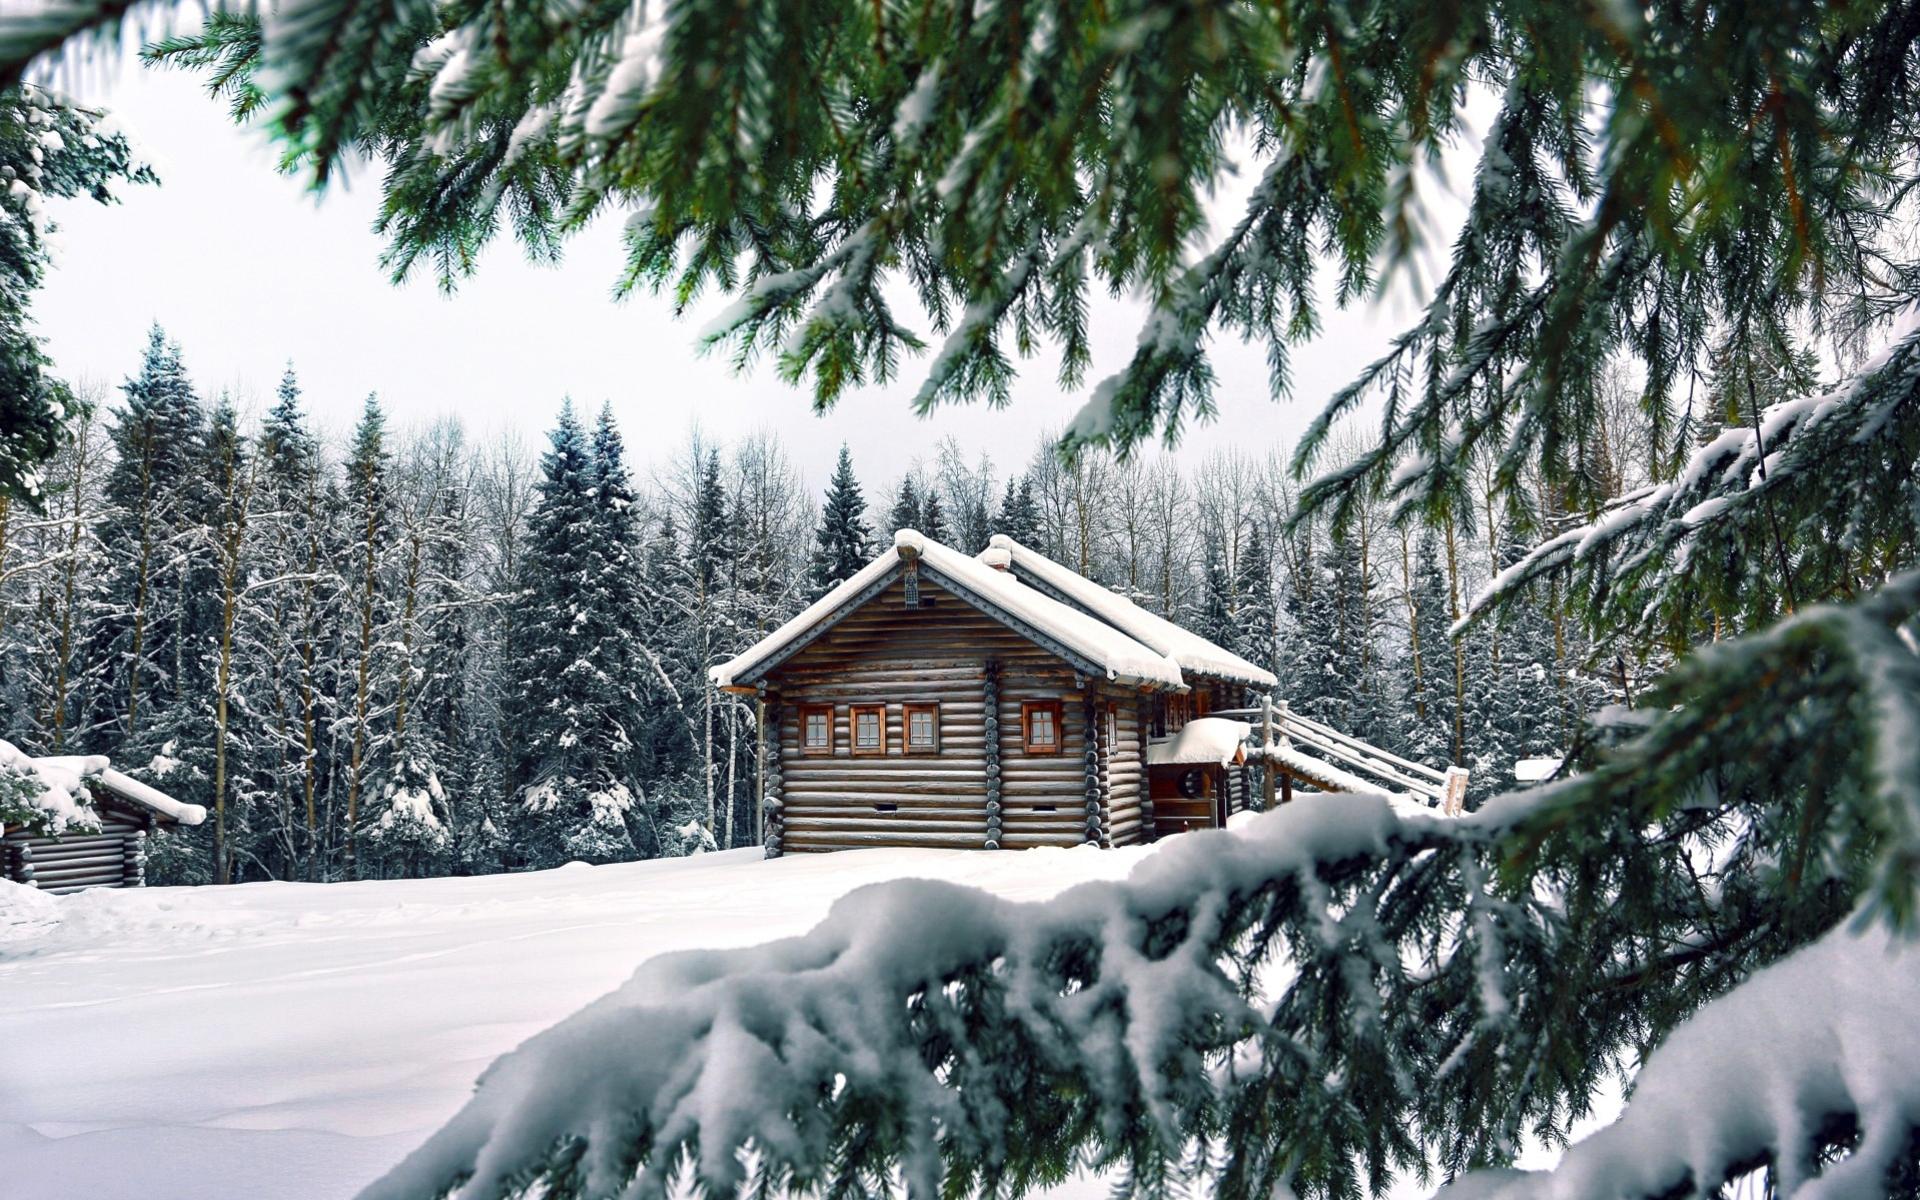 Домик в снежном лесу - C наступающим новым годом 2021 поздравительные картинки